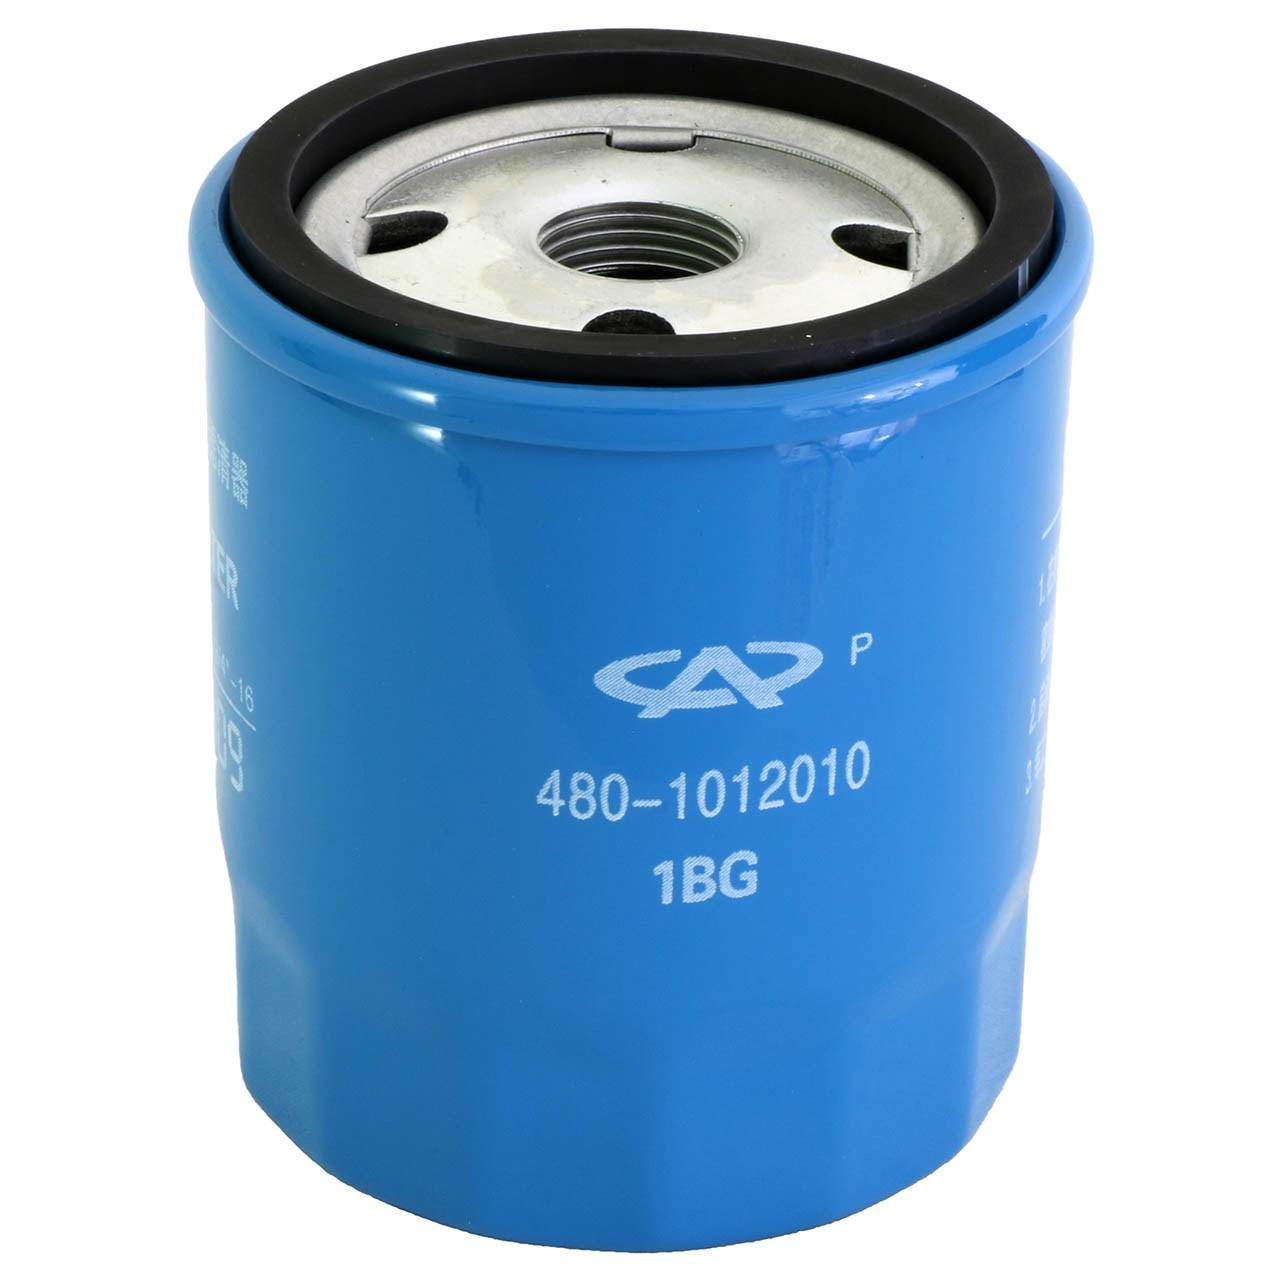 فیلتر روغن ام وی ام مدل 1012010-480 مناسب مدل های مختلف خودرو ام وی ام 315